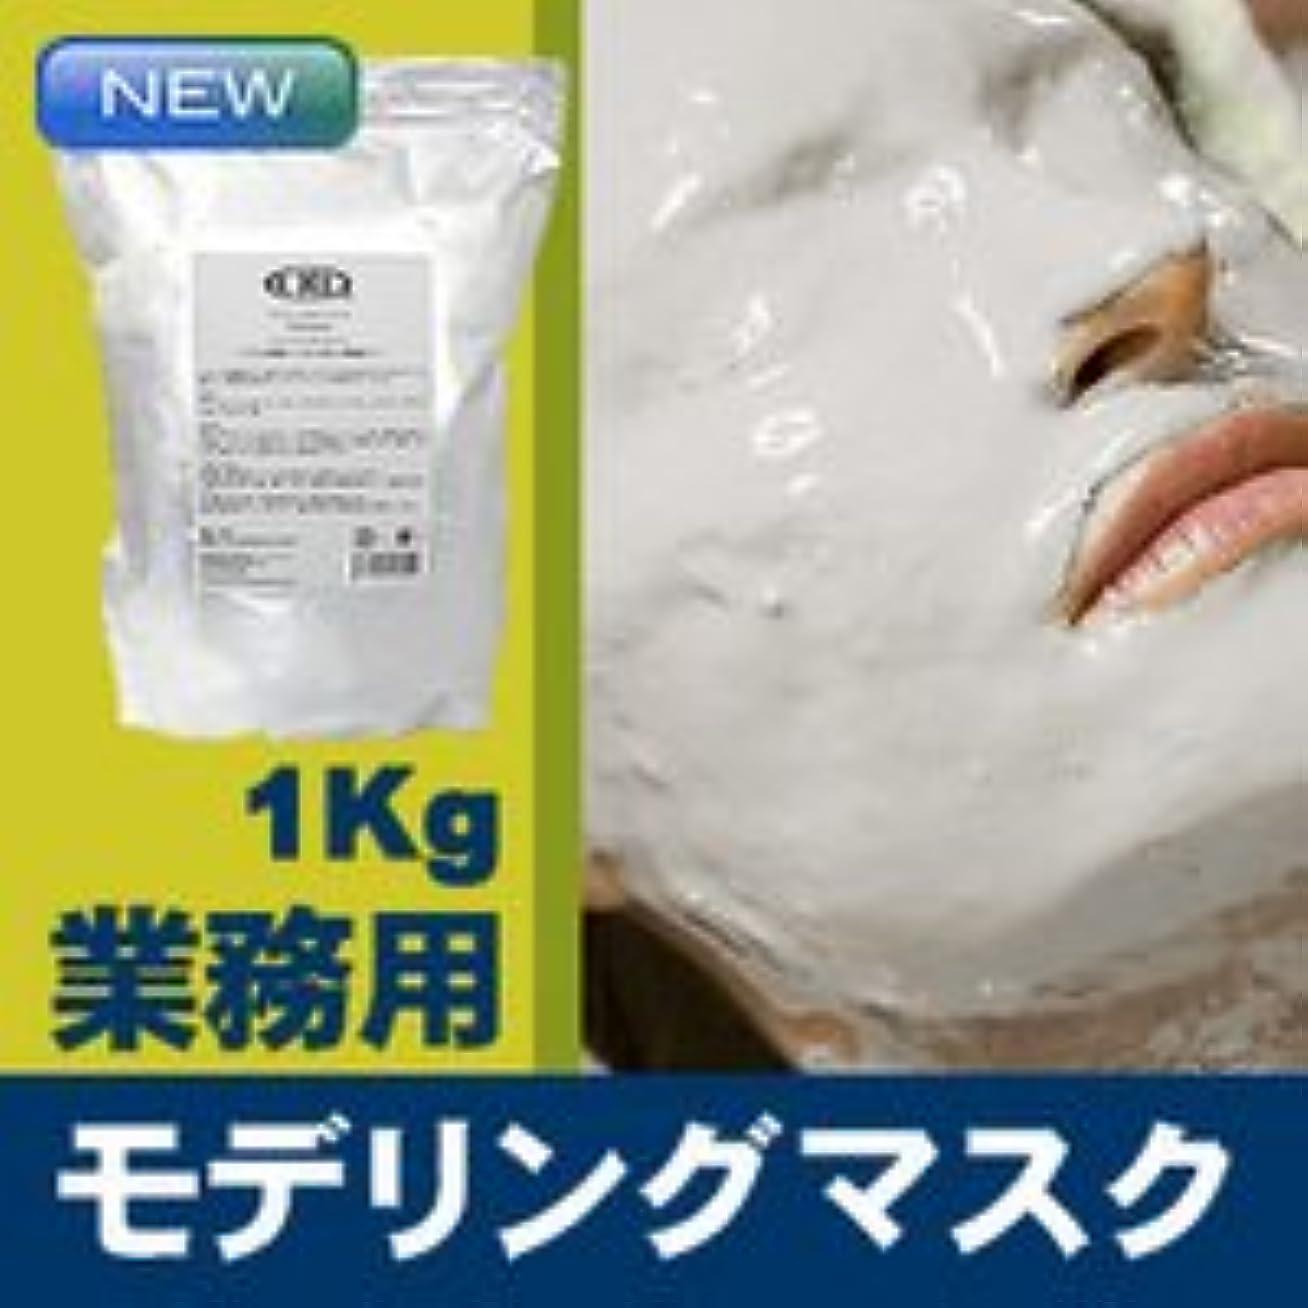 渦ピアケントモデリングマスク 1Kg 18種類のアミノ酸配合(シャイニングシルバー) / フェイスマスク?パック 【ピールオフマスク】